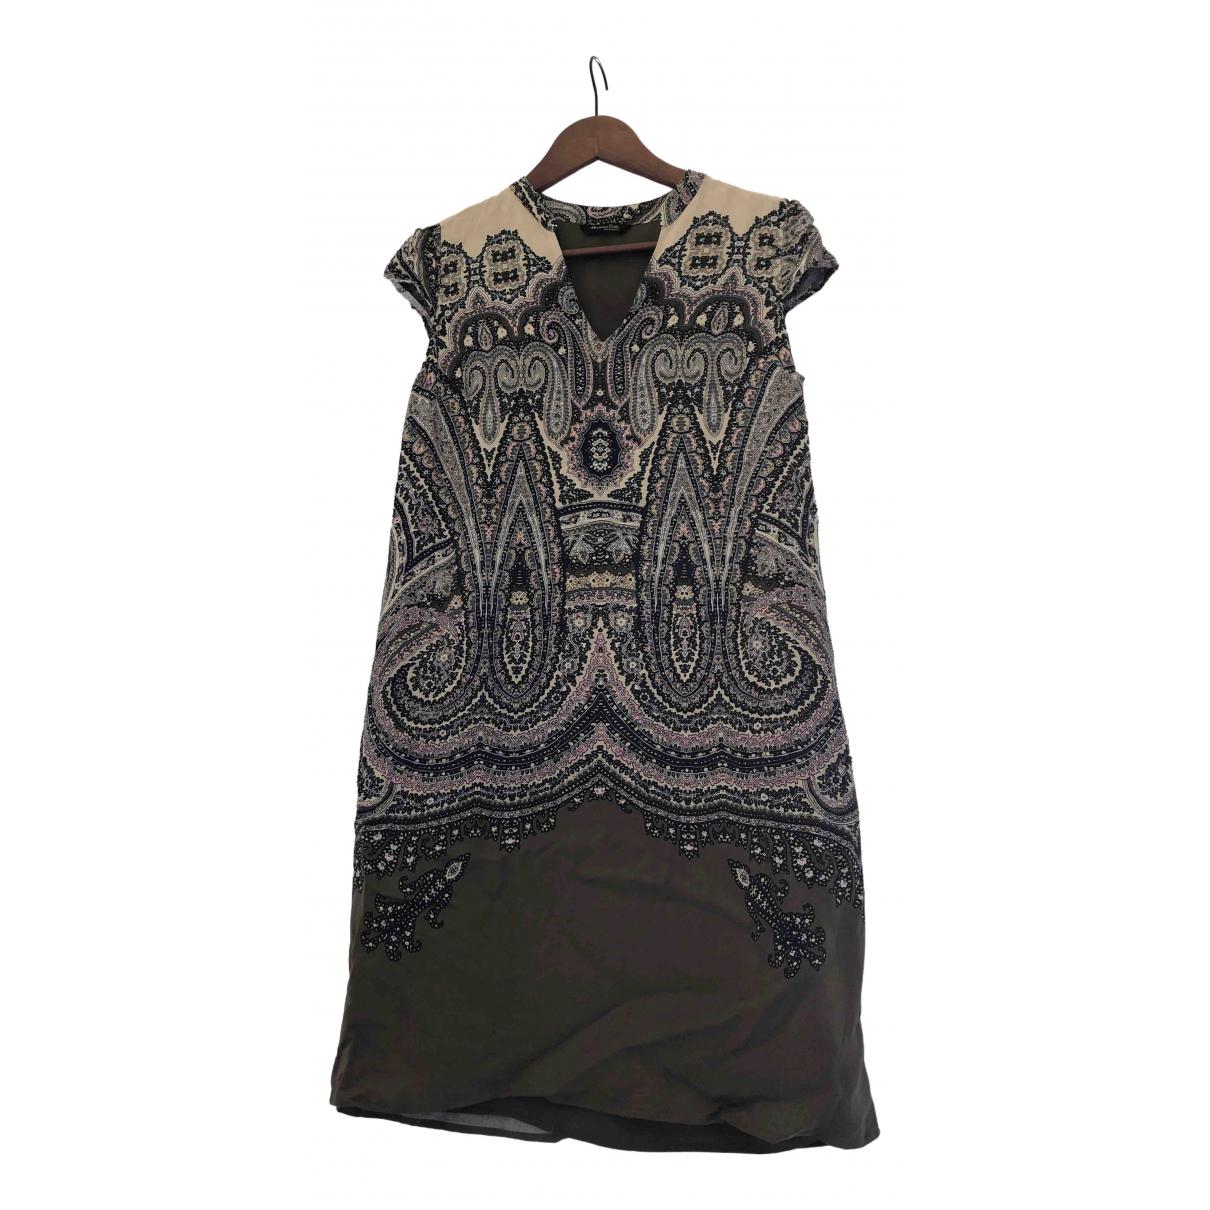 Massimo Dutti \N Kleid in  Khaki Polyester